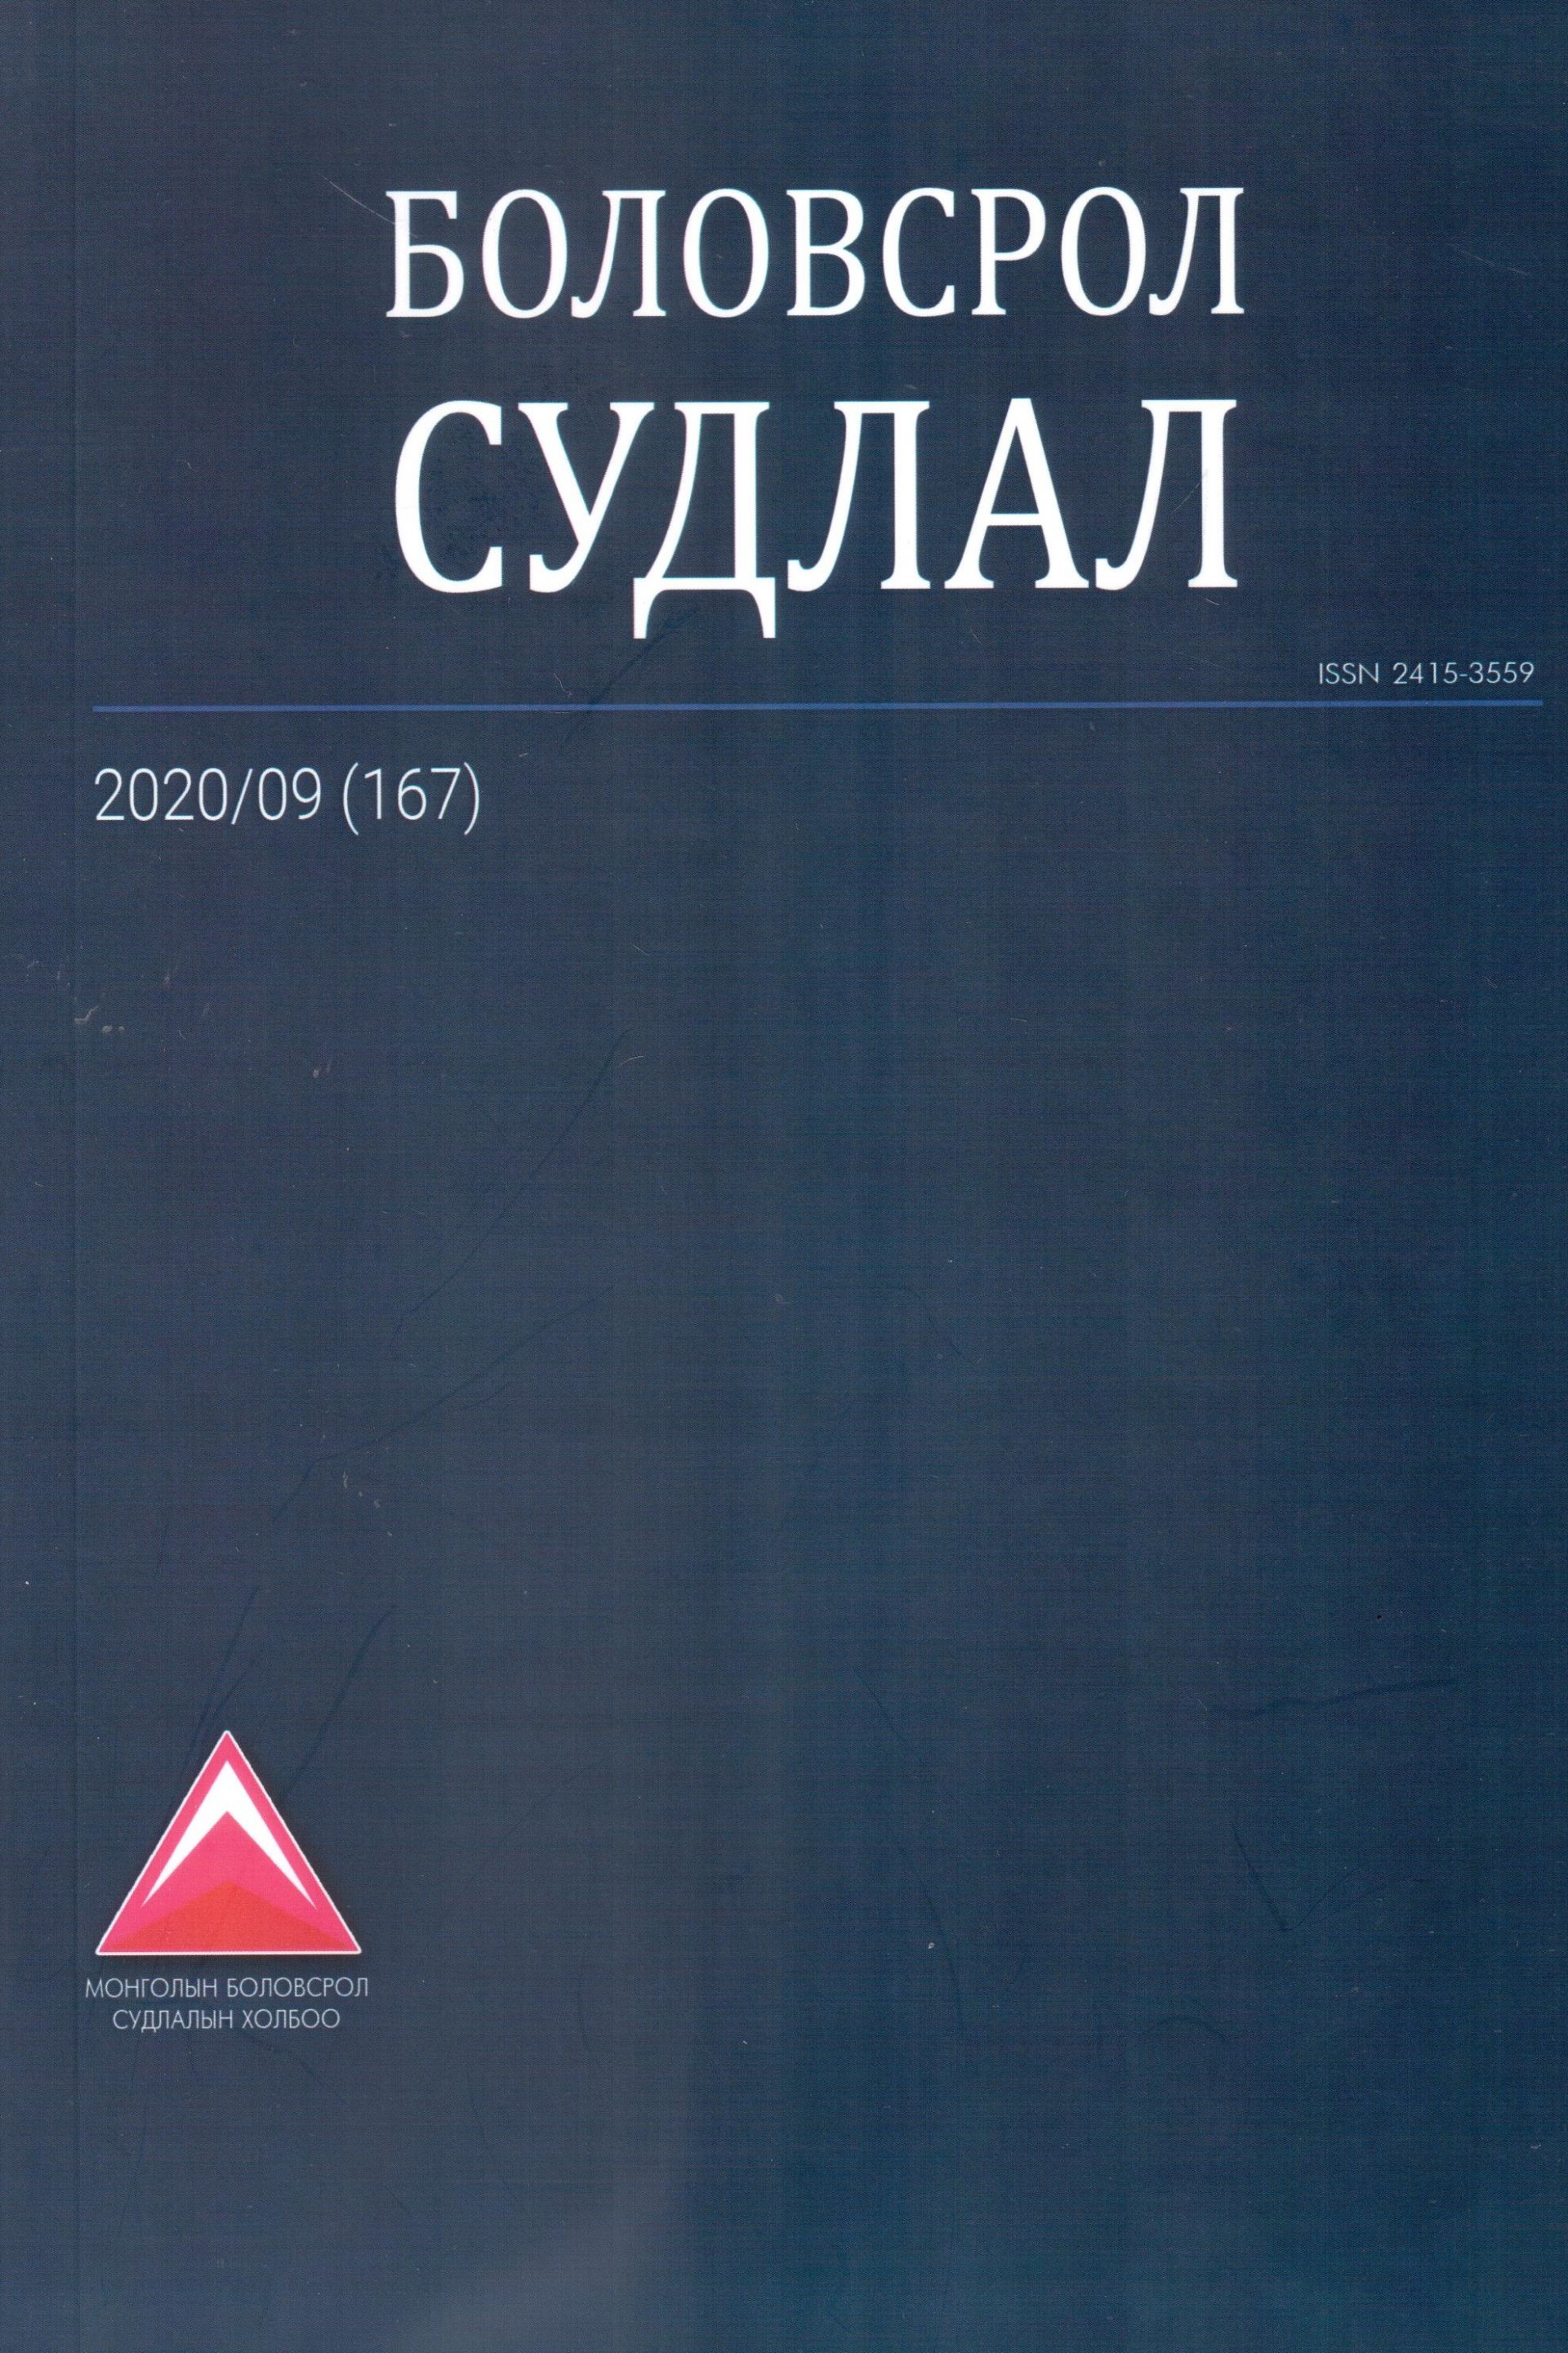 Боловсрол судлал 2020/09 (167)